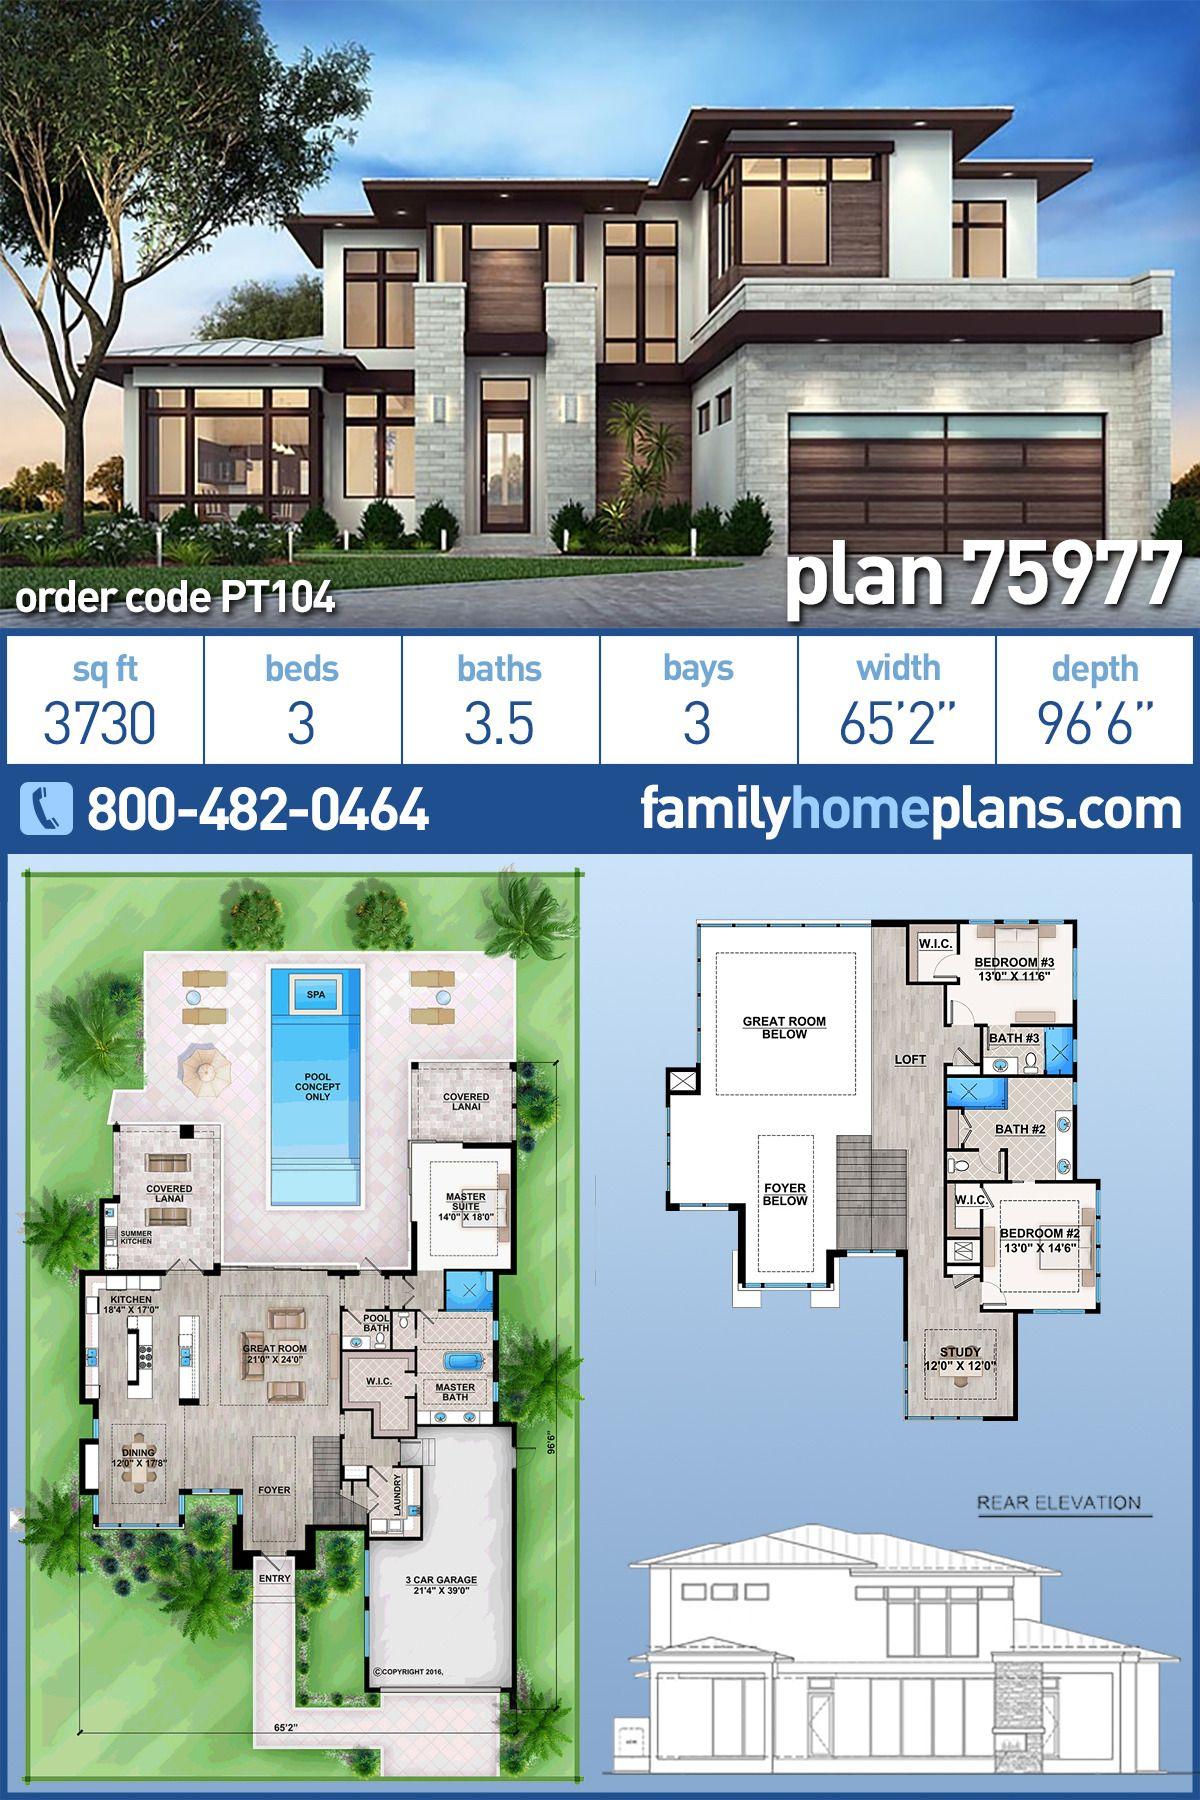 Contemporary House Plans For Sale 2020 House Blueprints Denah Lantai Rumah Desain Eksterior Rumah